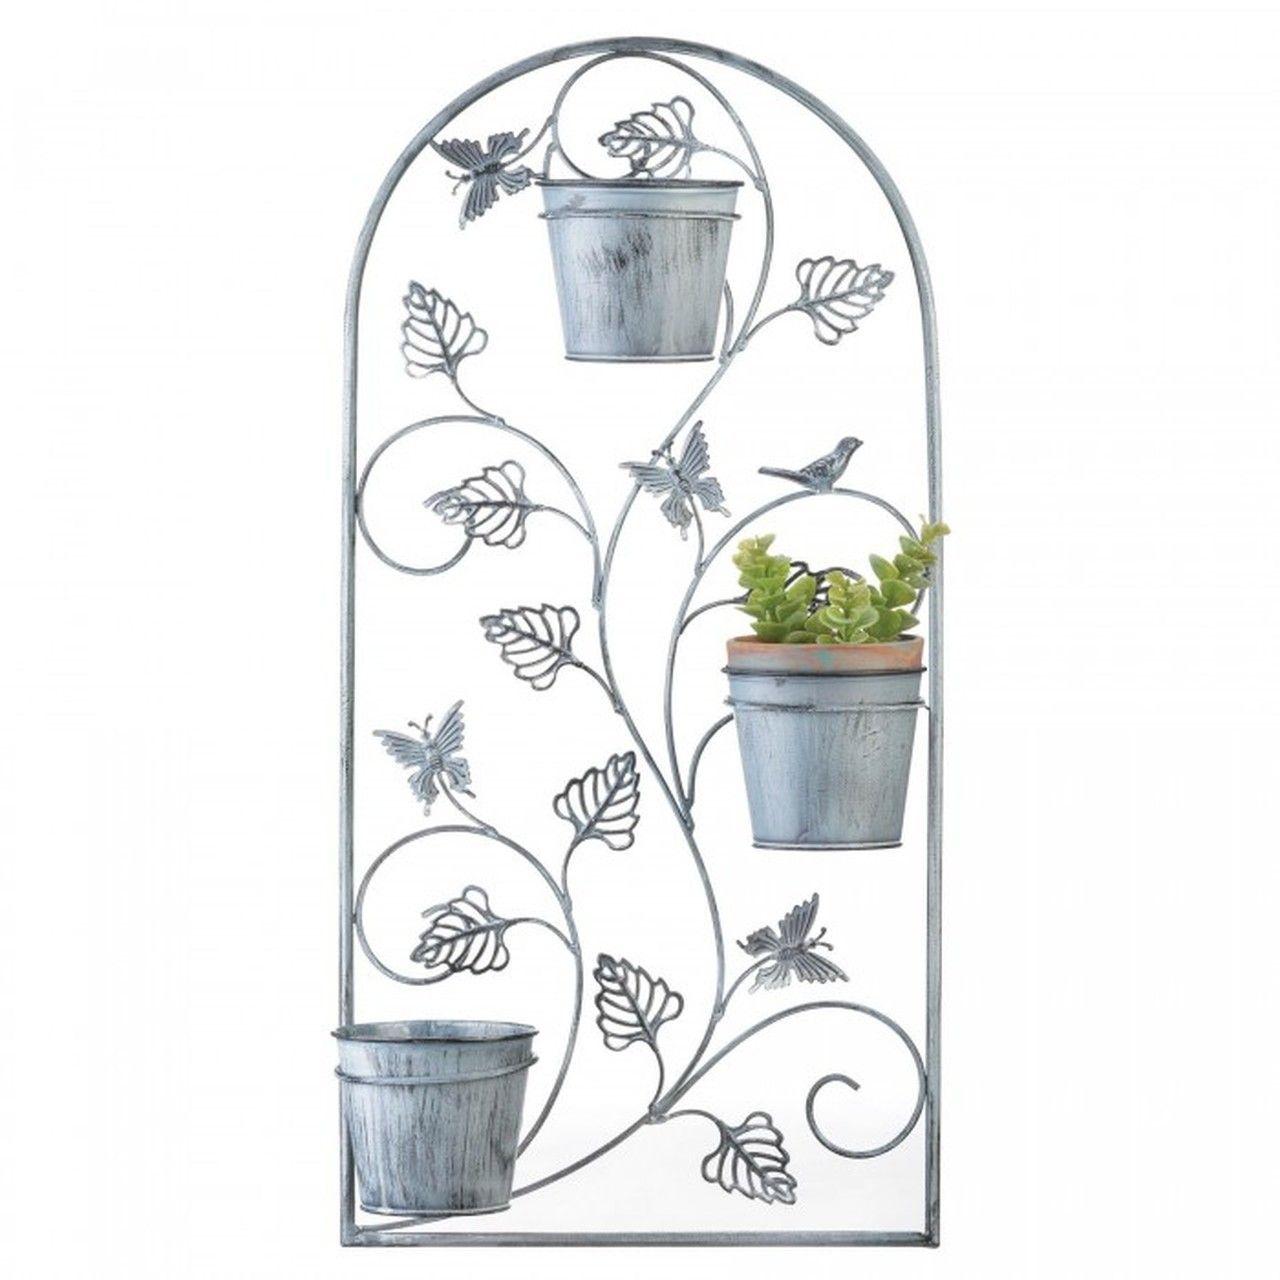 Butterfly Trellis Wall Planter With Metal Pots Flower Trellis Flower Pots Garden Wall Decor